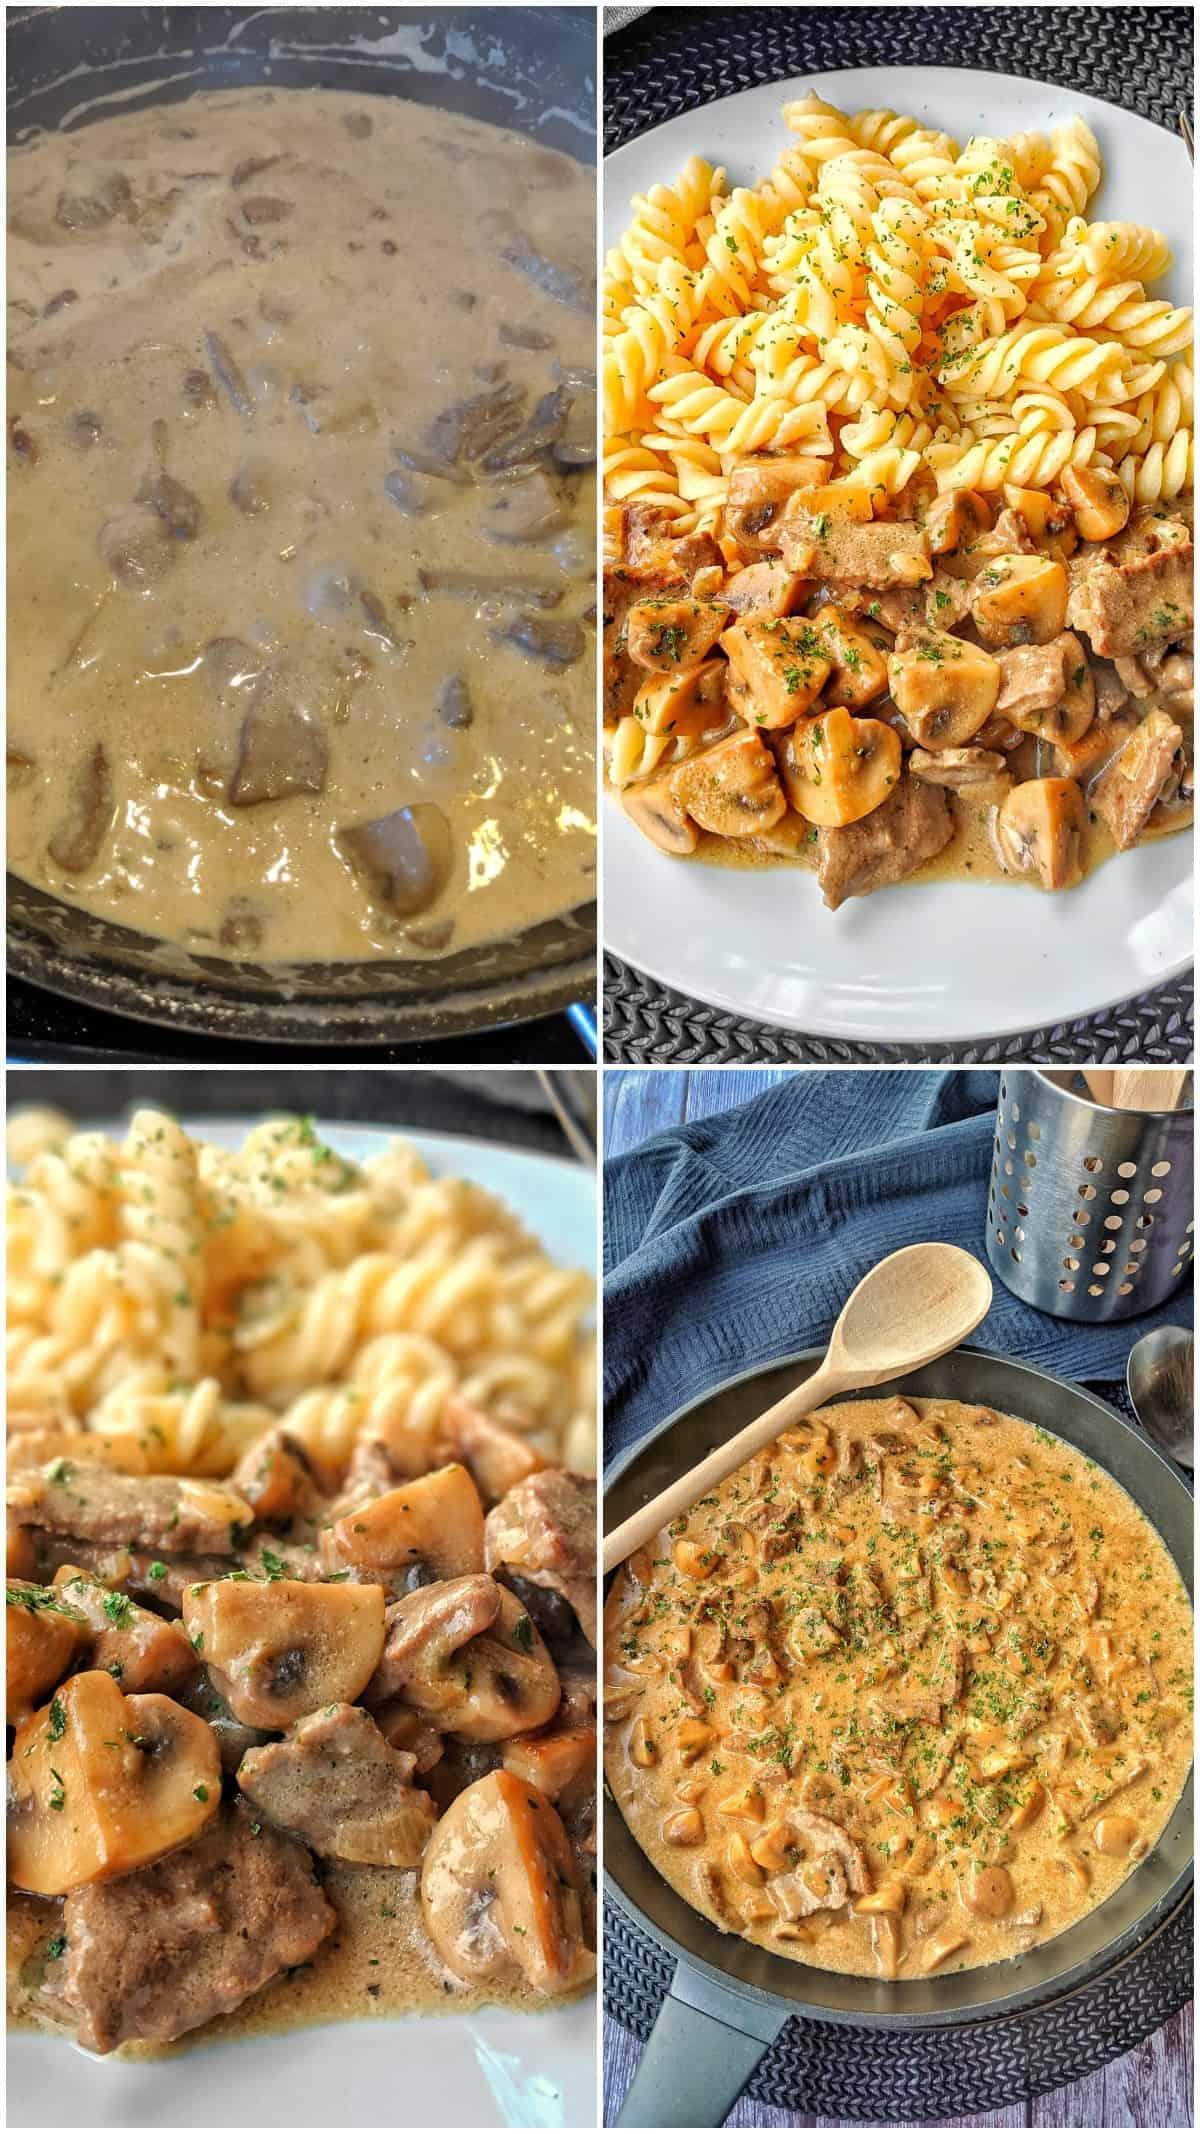 Eine Collage der Zubereitungsschritte von Rindergeschnetzeltem in Pilzrahmsoße.